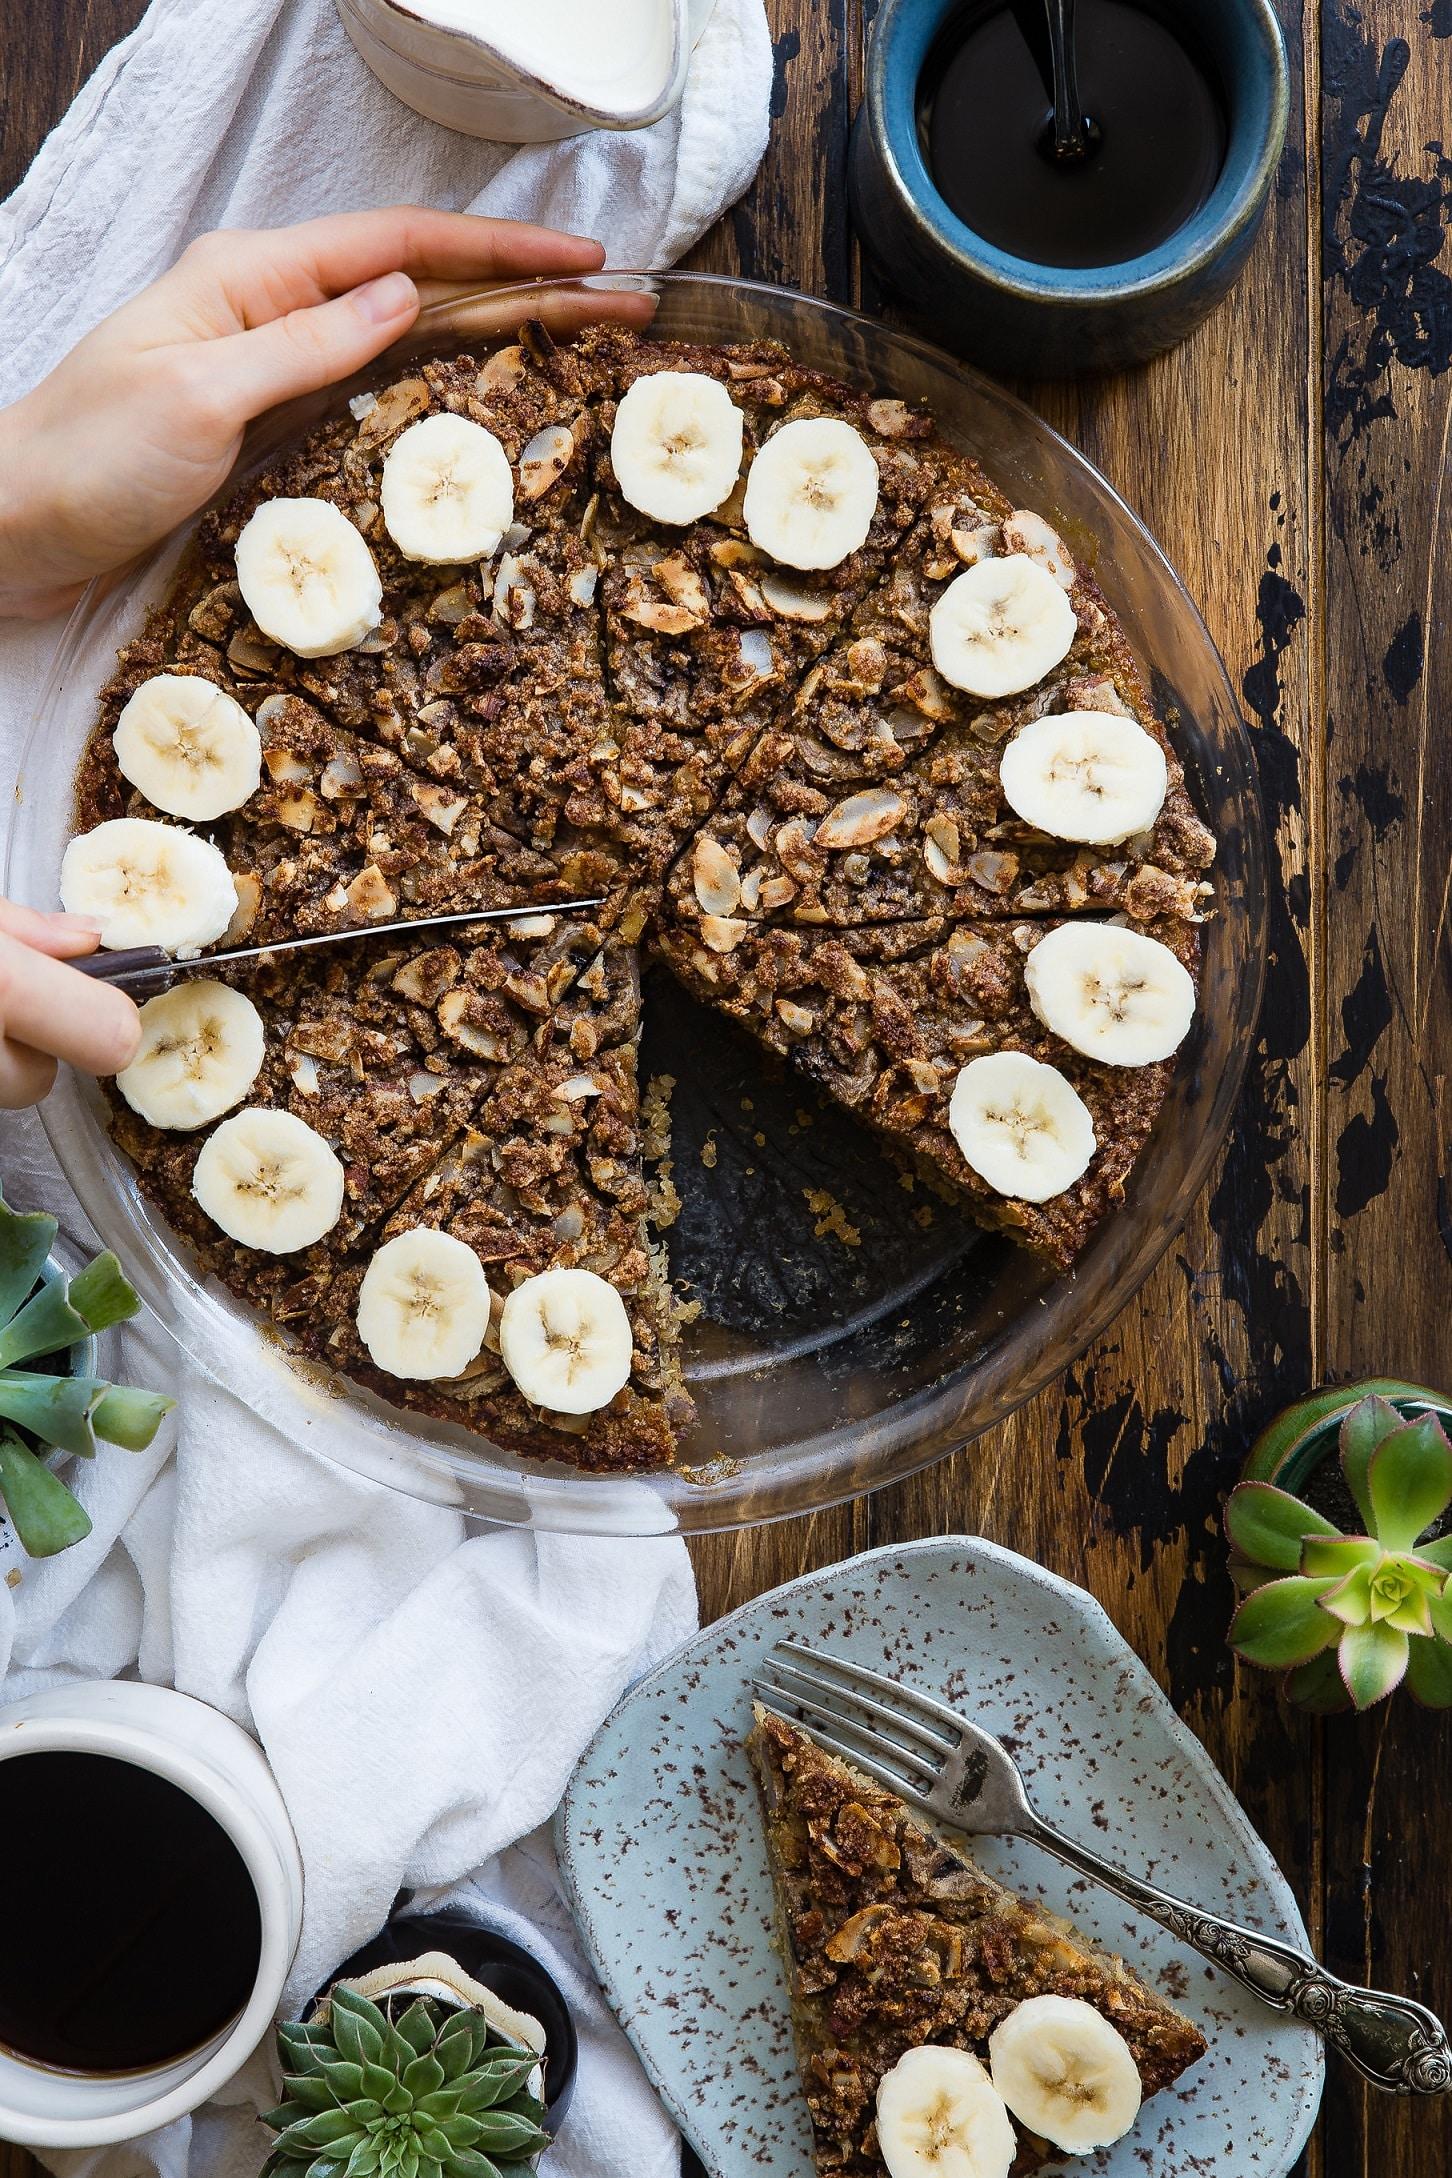 nadwrażliwość na gluten